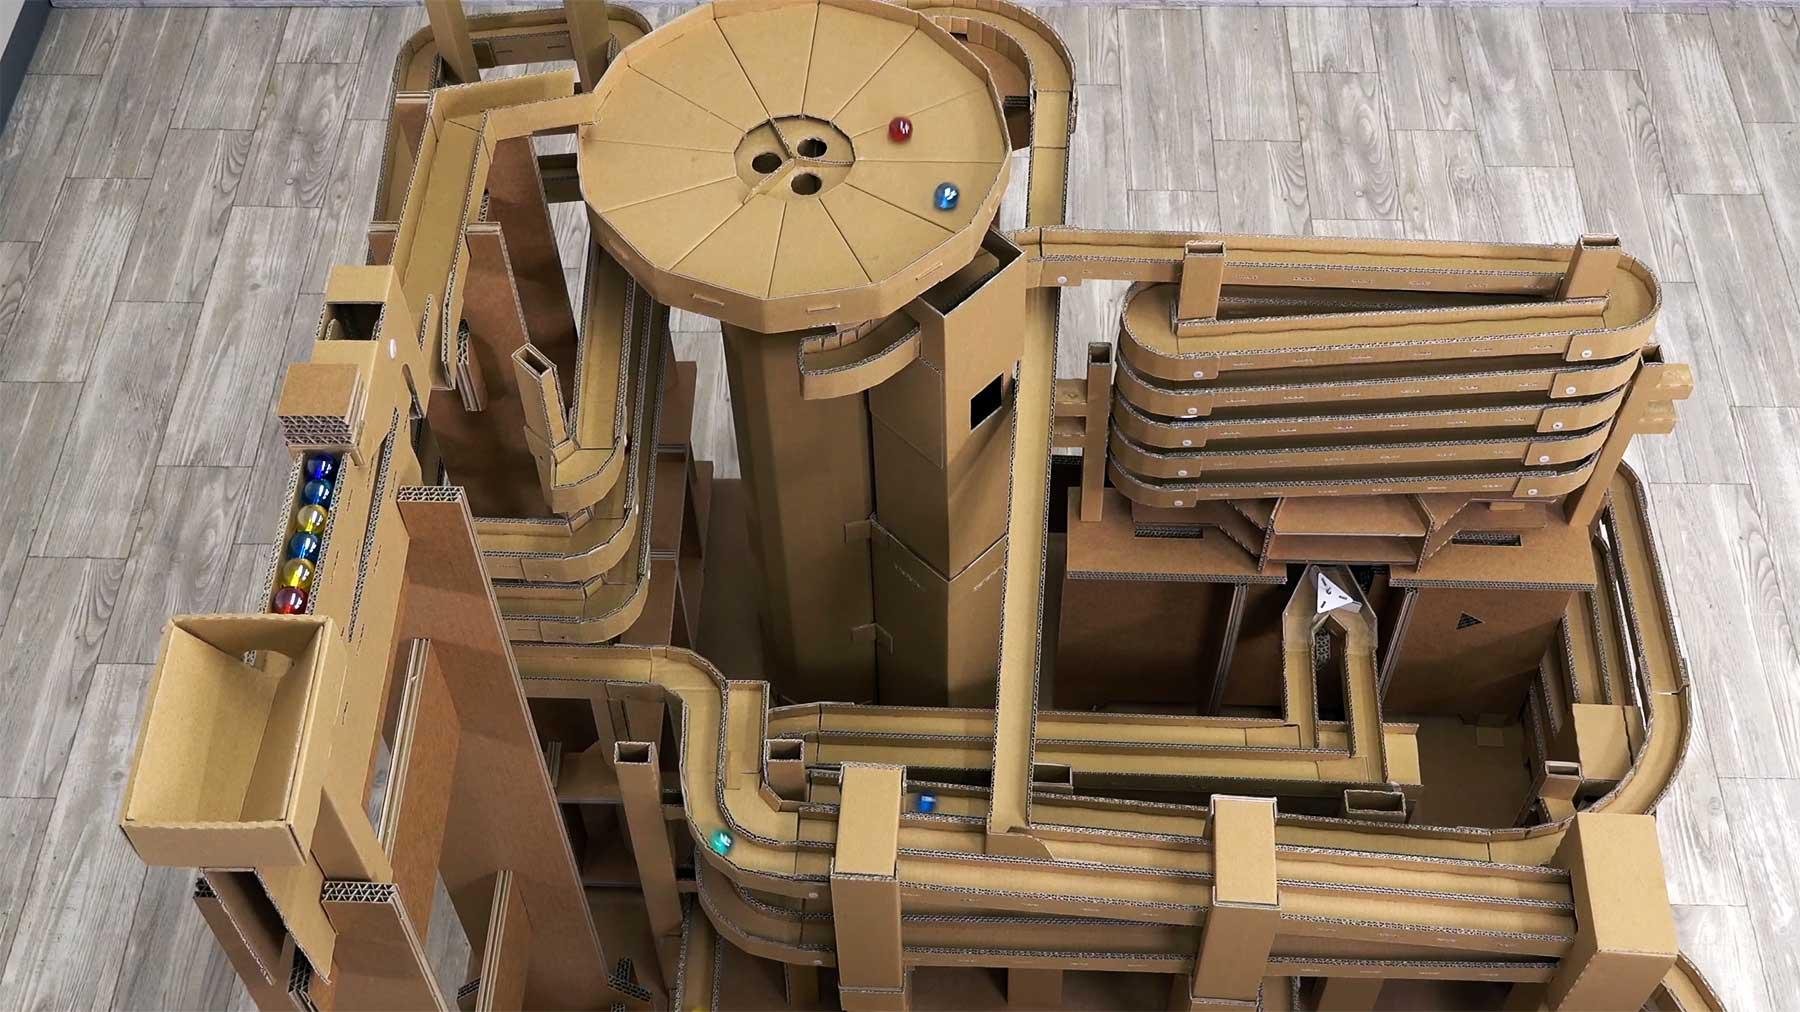 Große aus Pappe gebaute Murmelbahn murmelbahn-aus-pappe